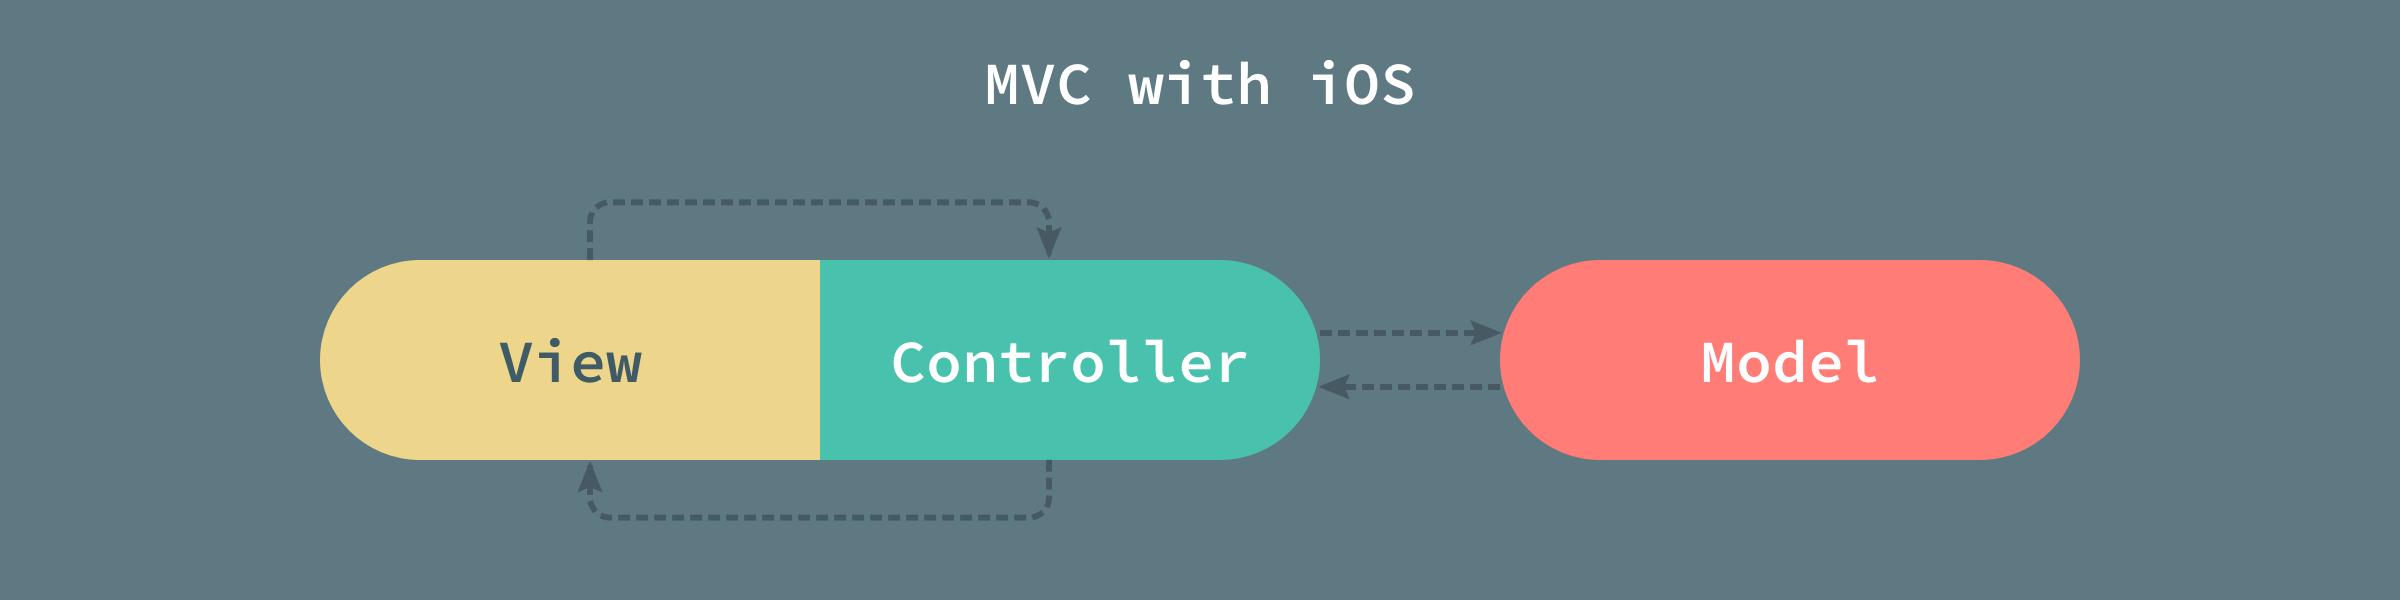 MVC-with-iOS